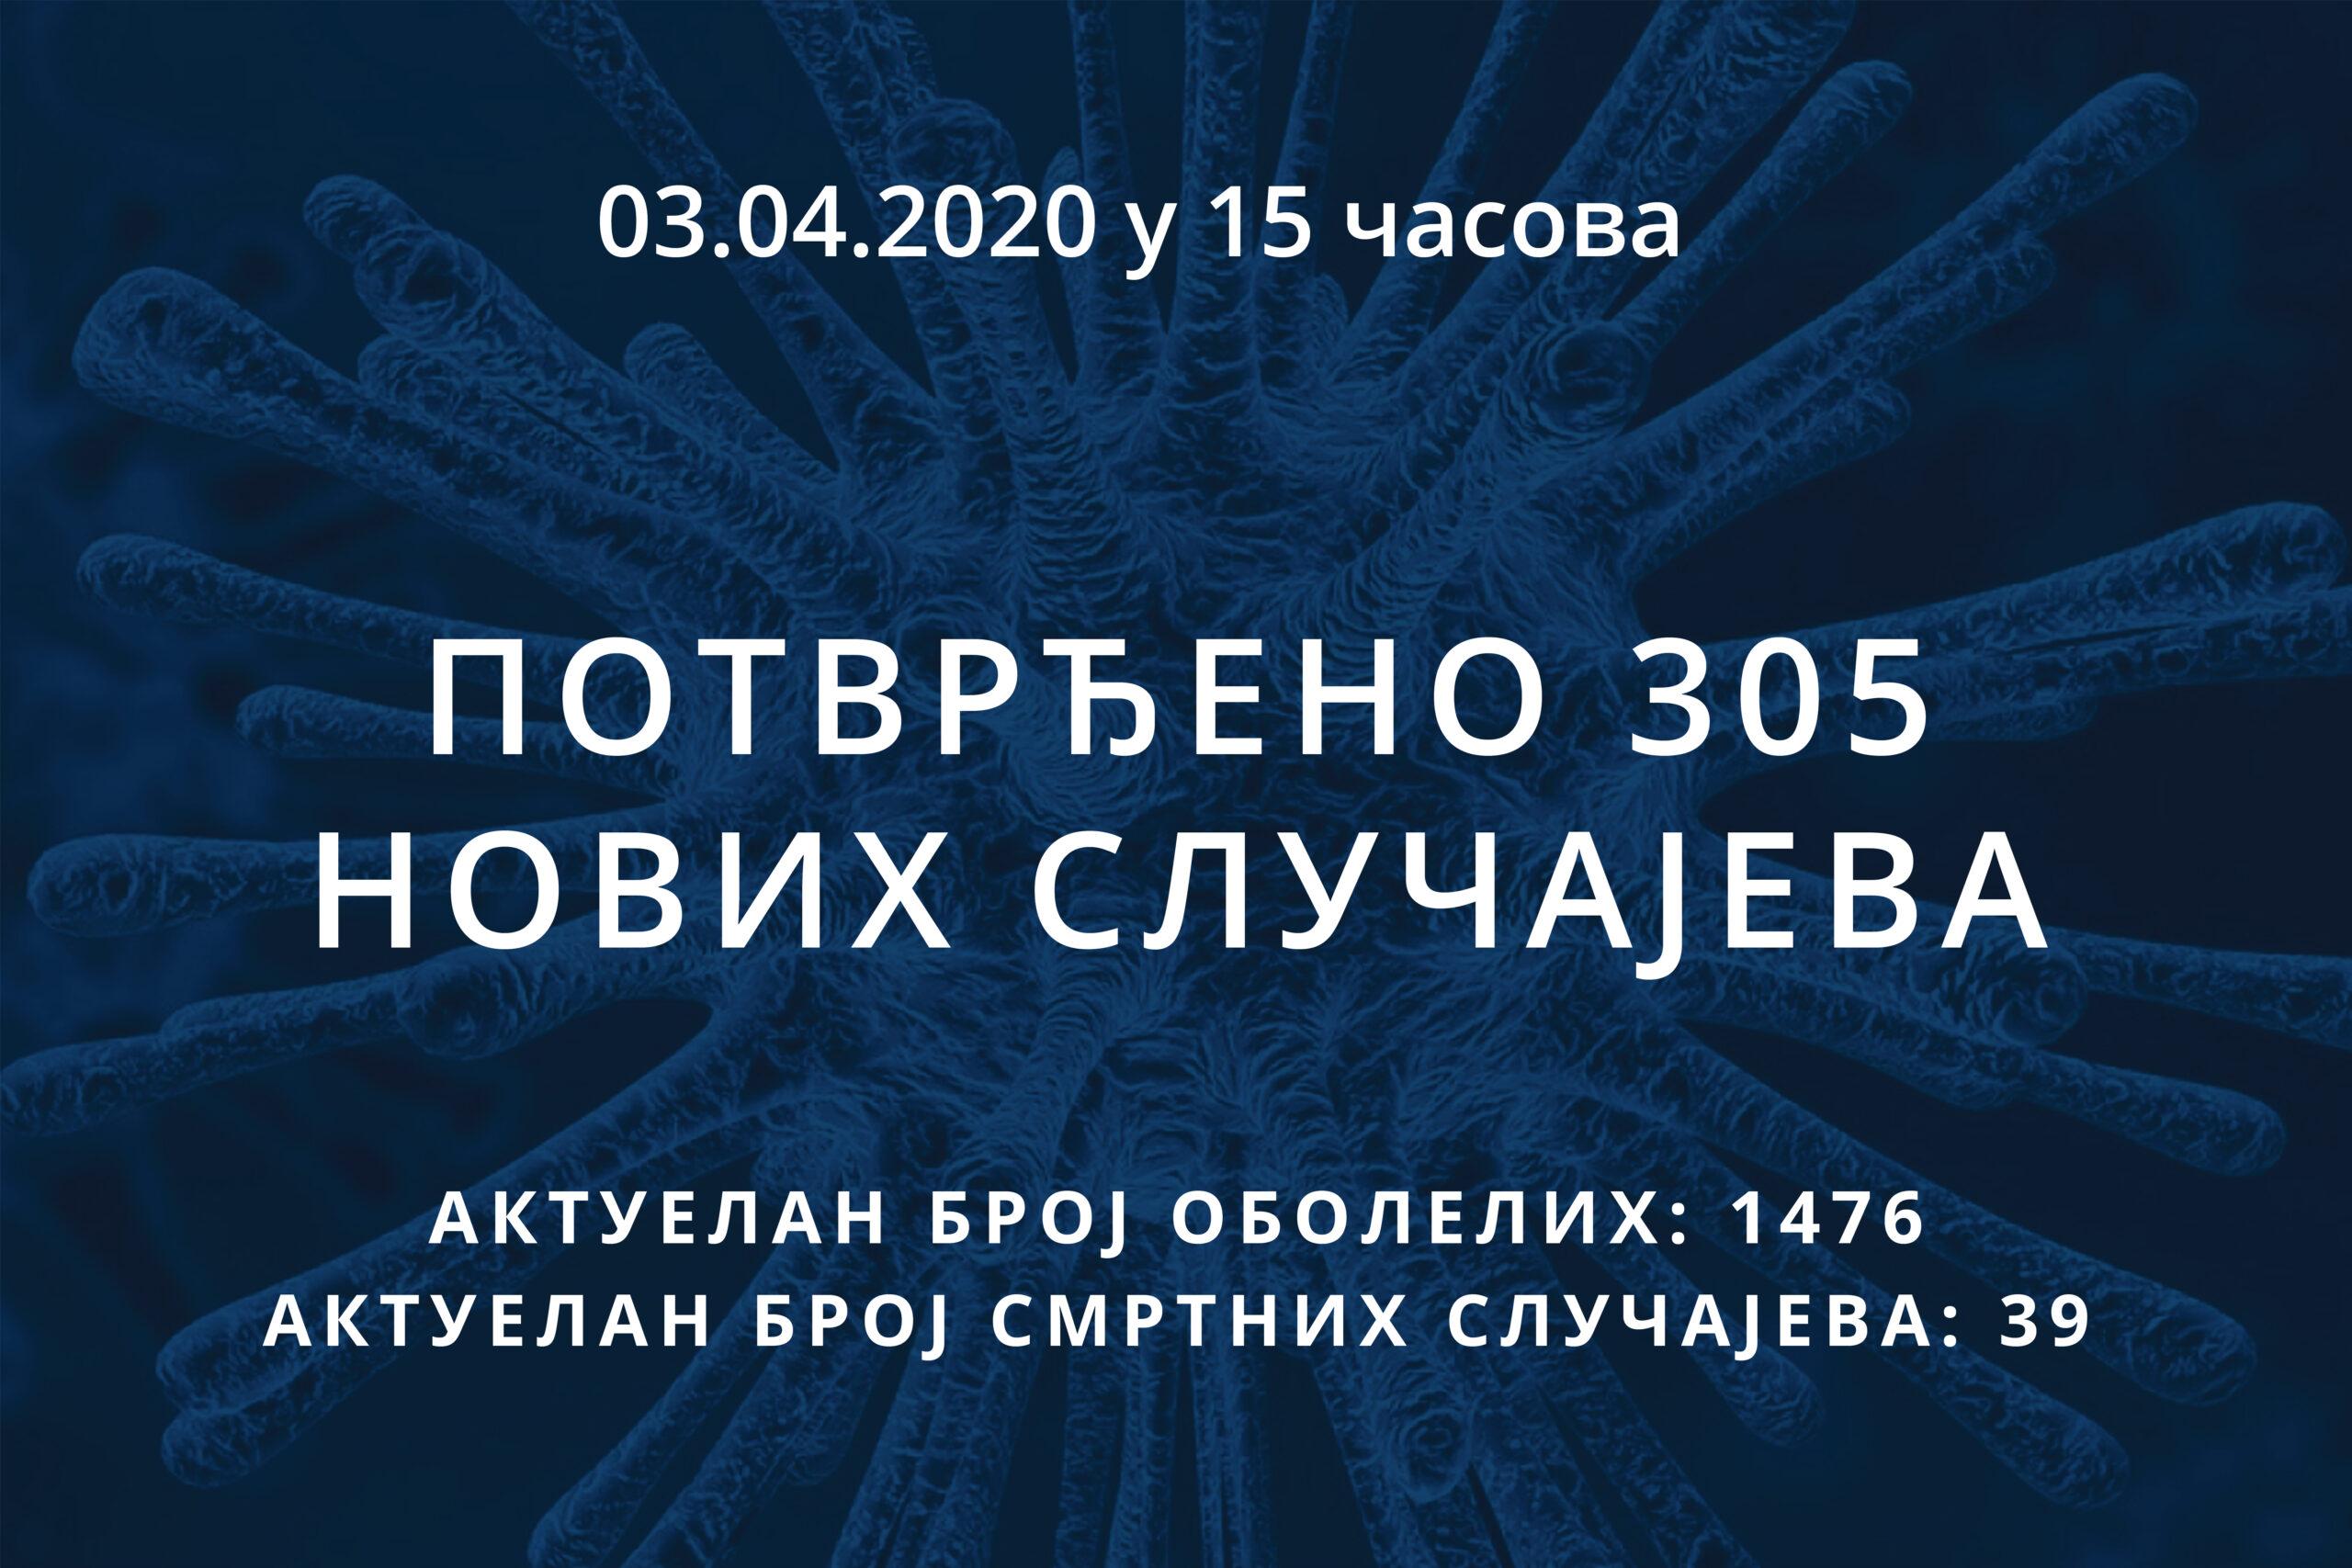 Информације о корона вирусу COVID-19, 03.04.2020 у 15 часова